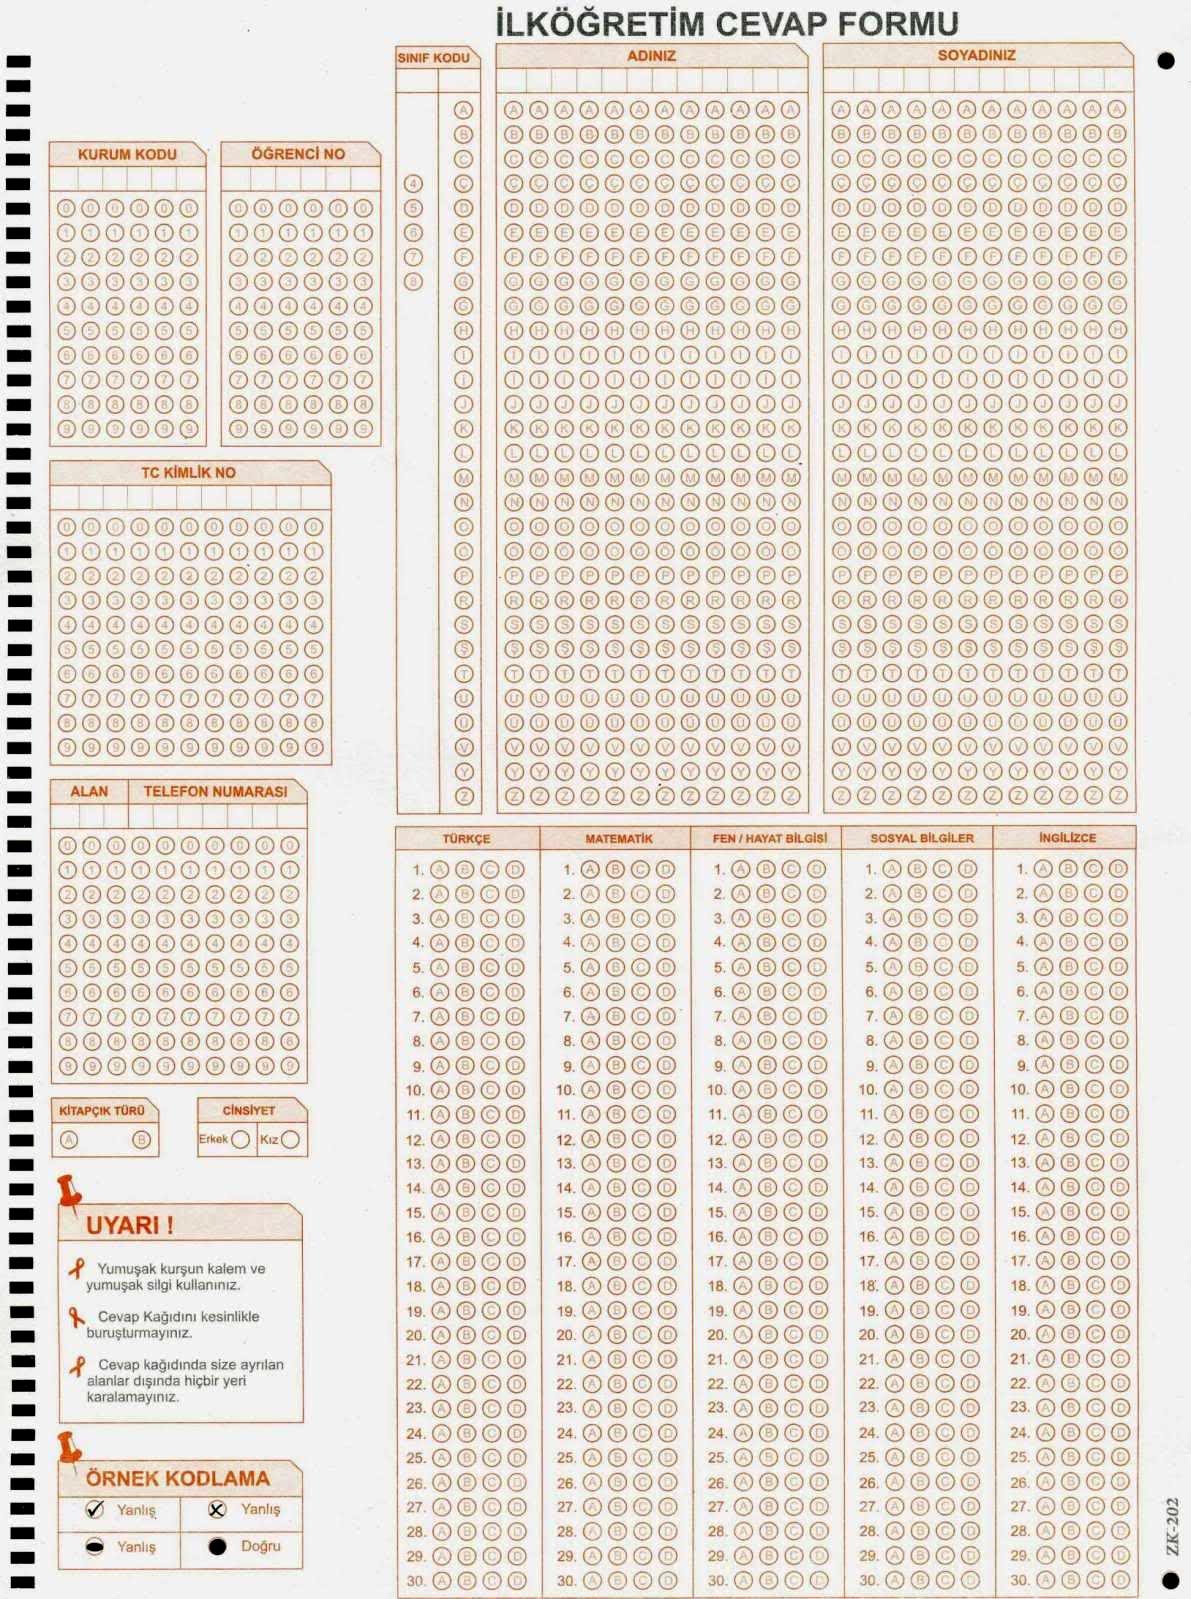 100 soruluk boş sınav şablonu 4 şıklı - ryuklemobi